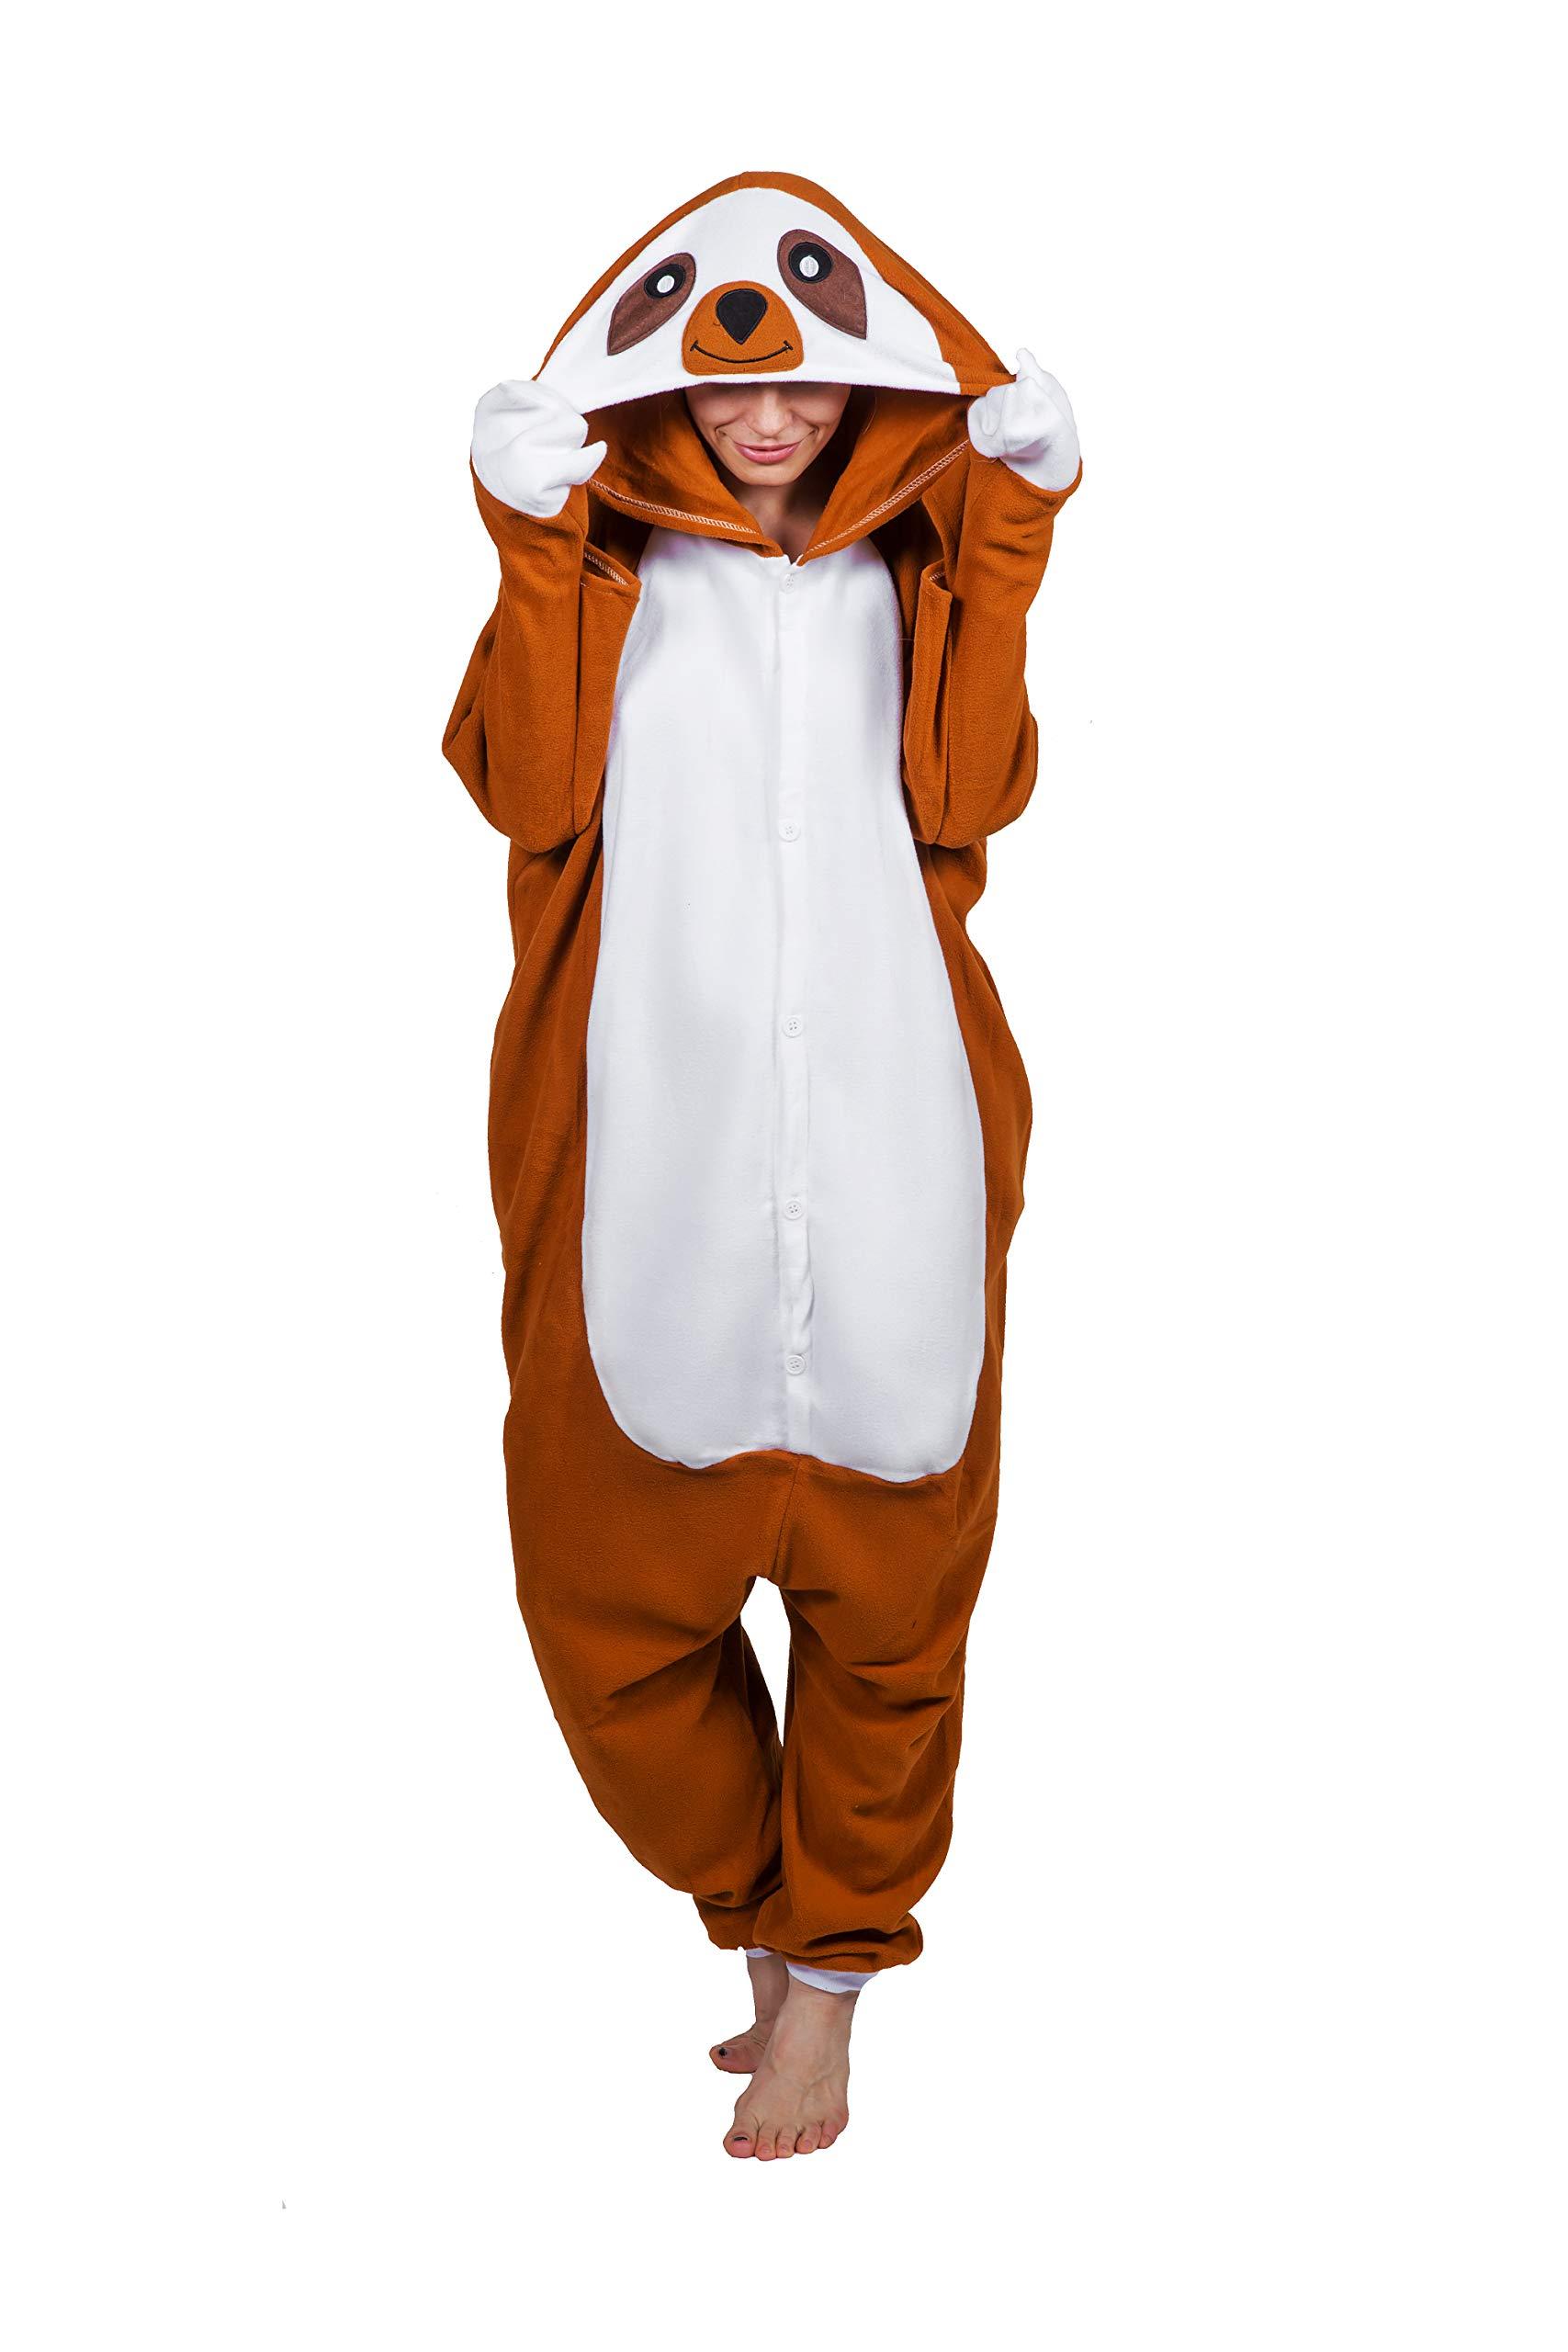 Smashing Pajamas New Sloth Unisex Adult Onesies For Women - Adult Onesie Men - Animal Onesie Adult - Christmas Onesie Adult -